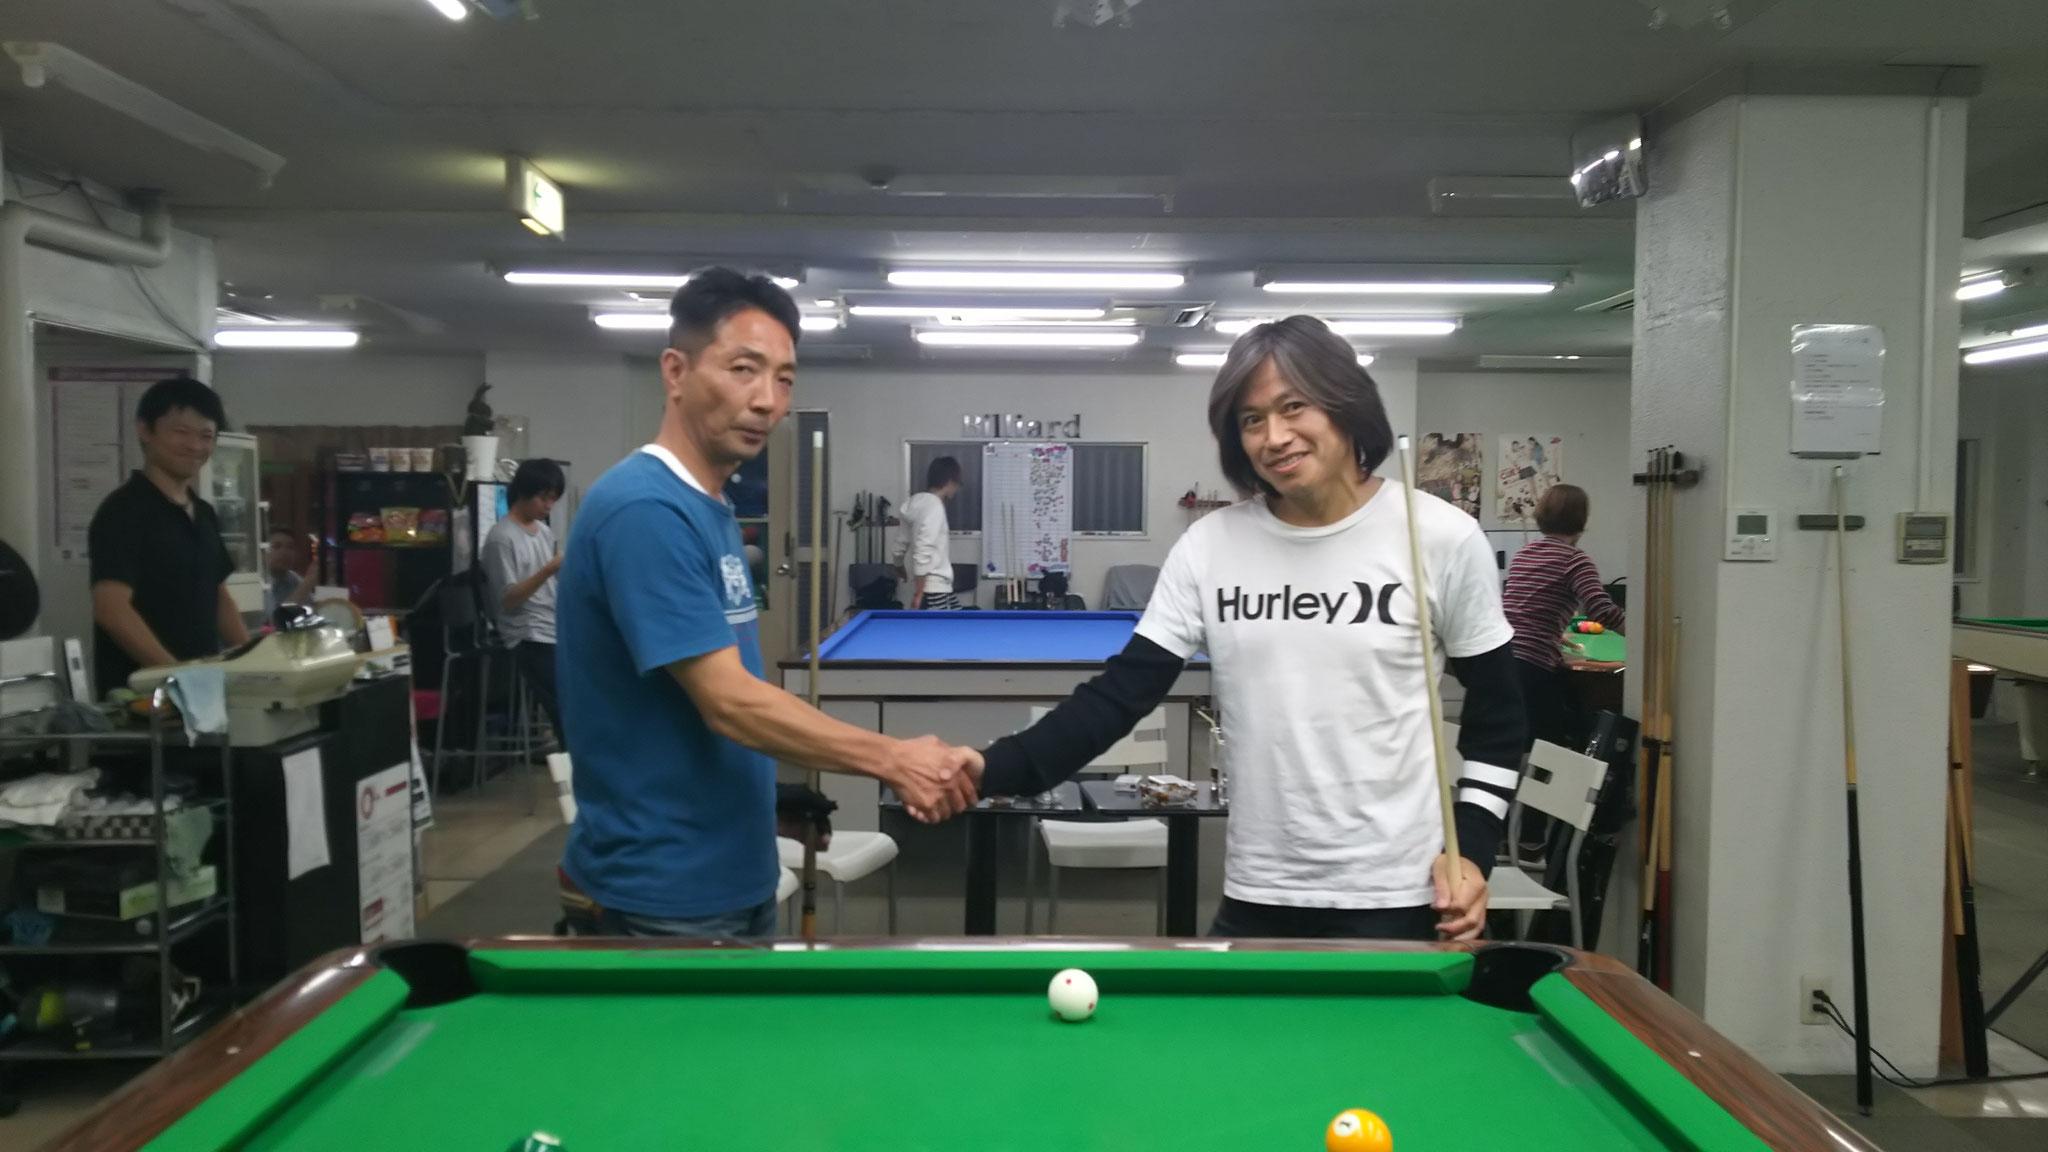 決勝戦前の固い握手 松木さん&加藤さん